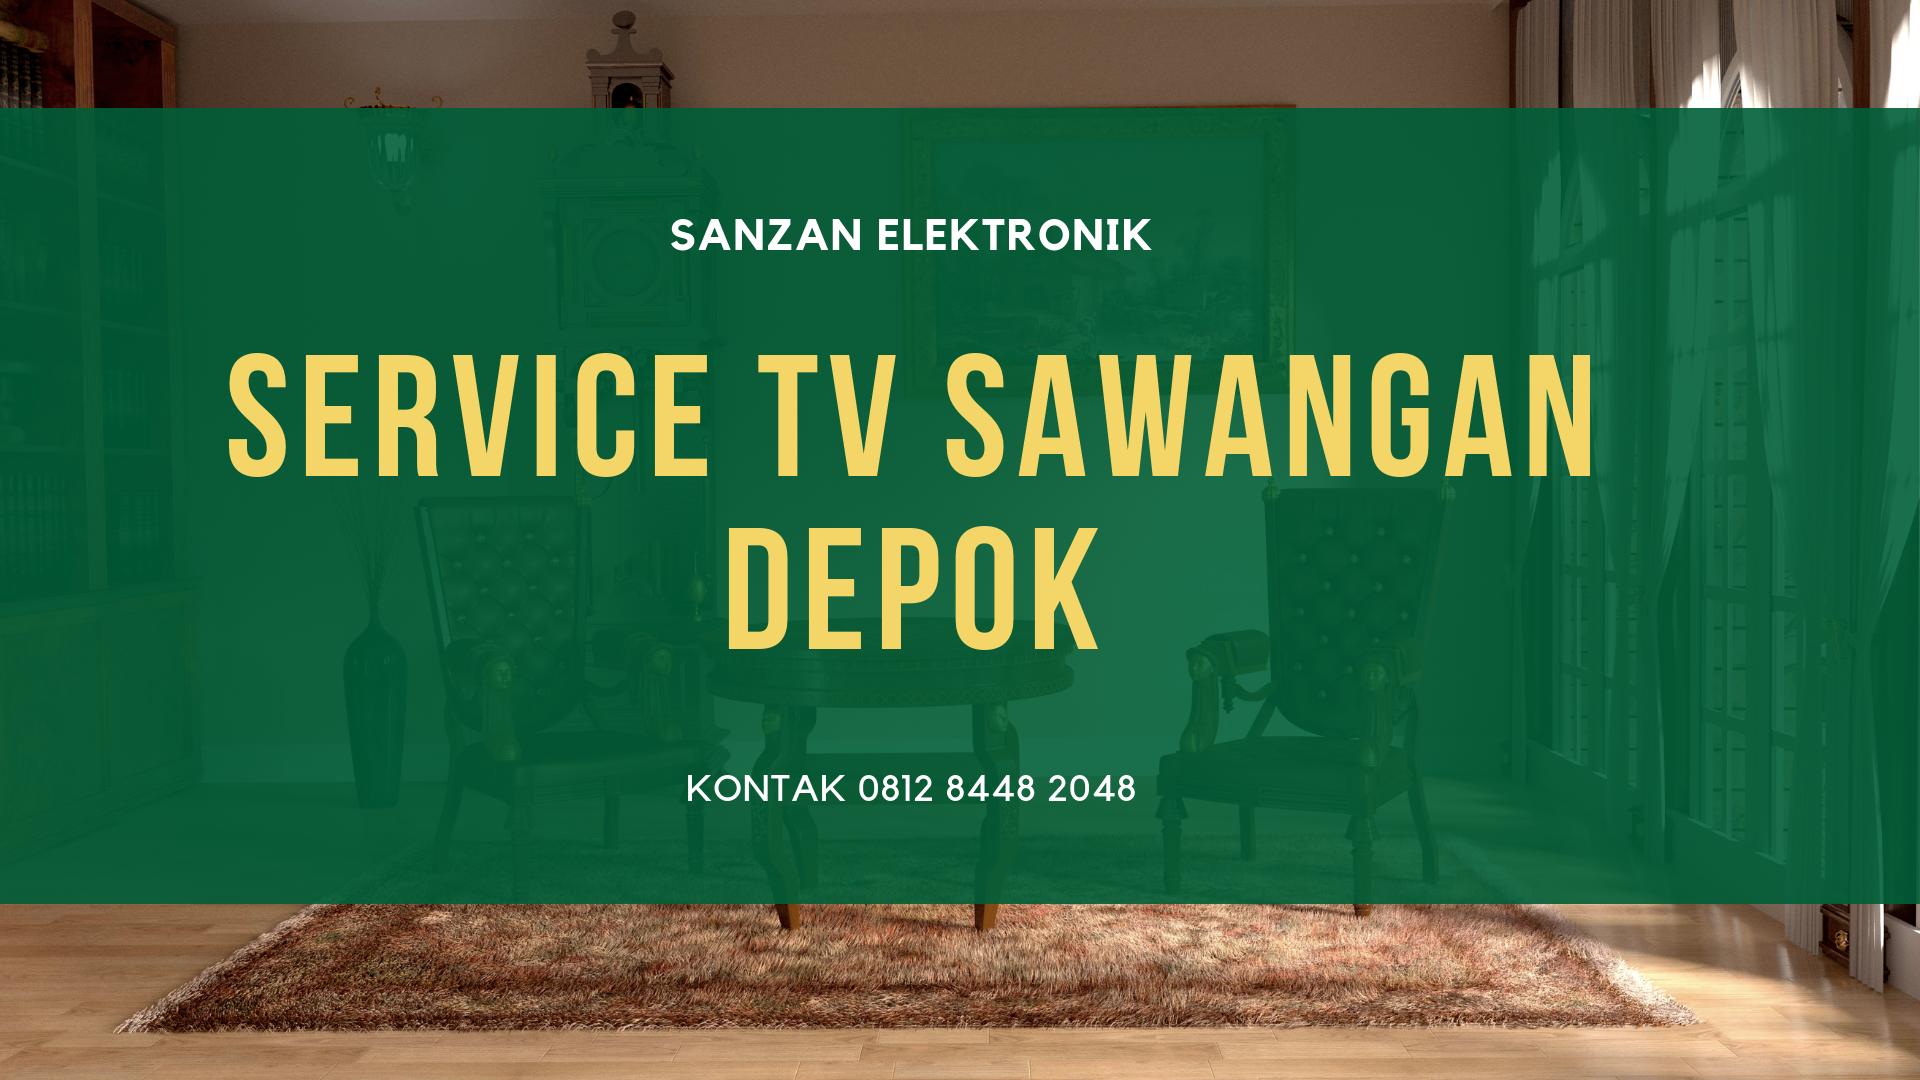 Service TV Sawangan Depok